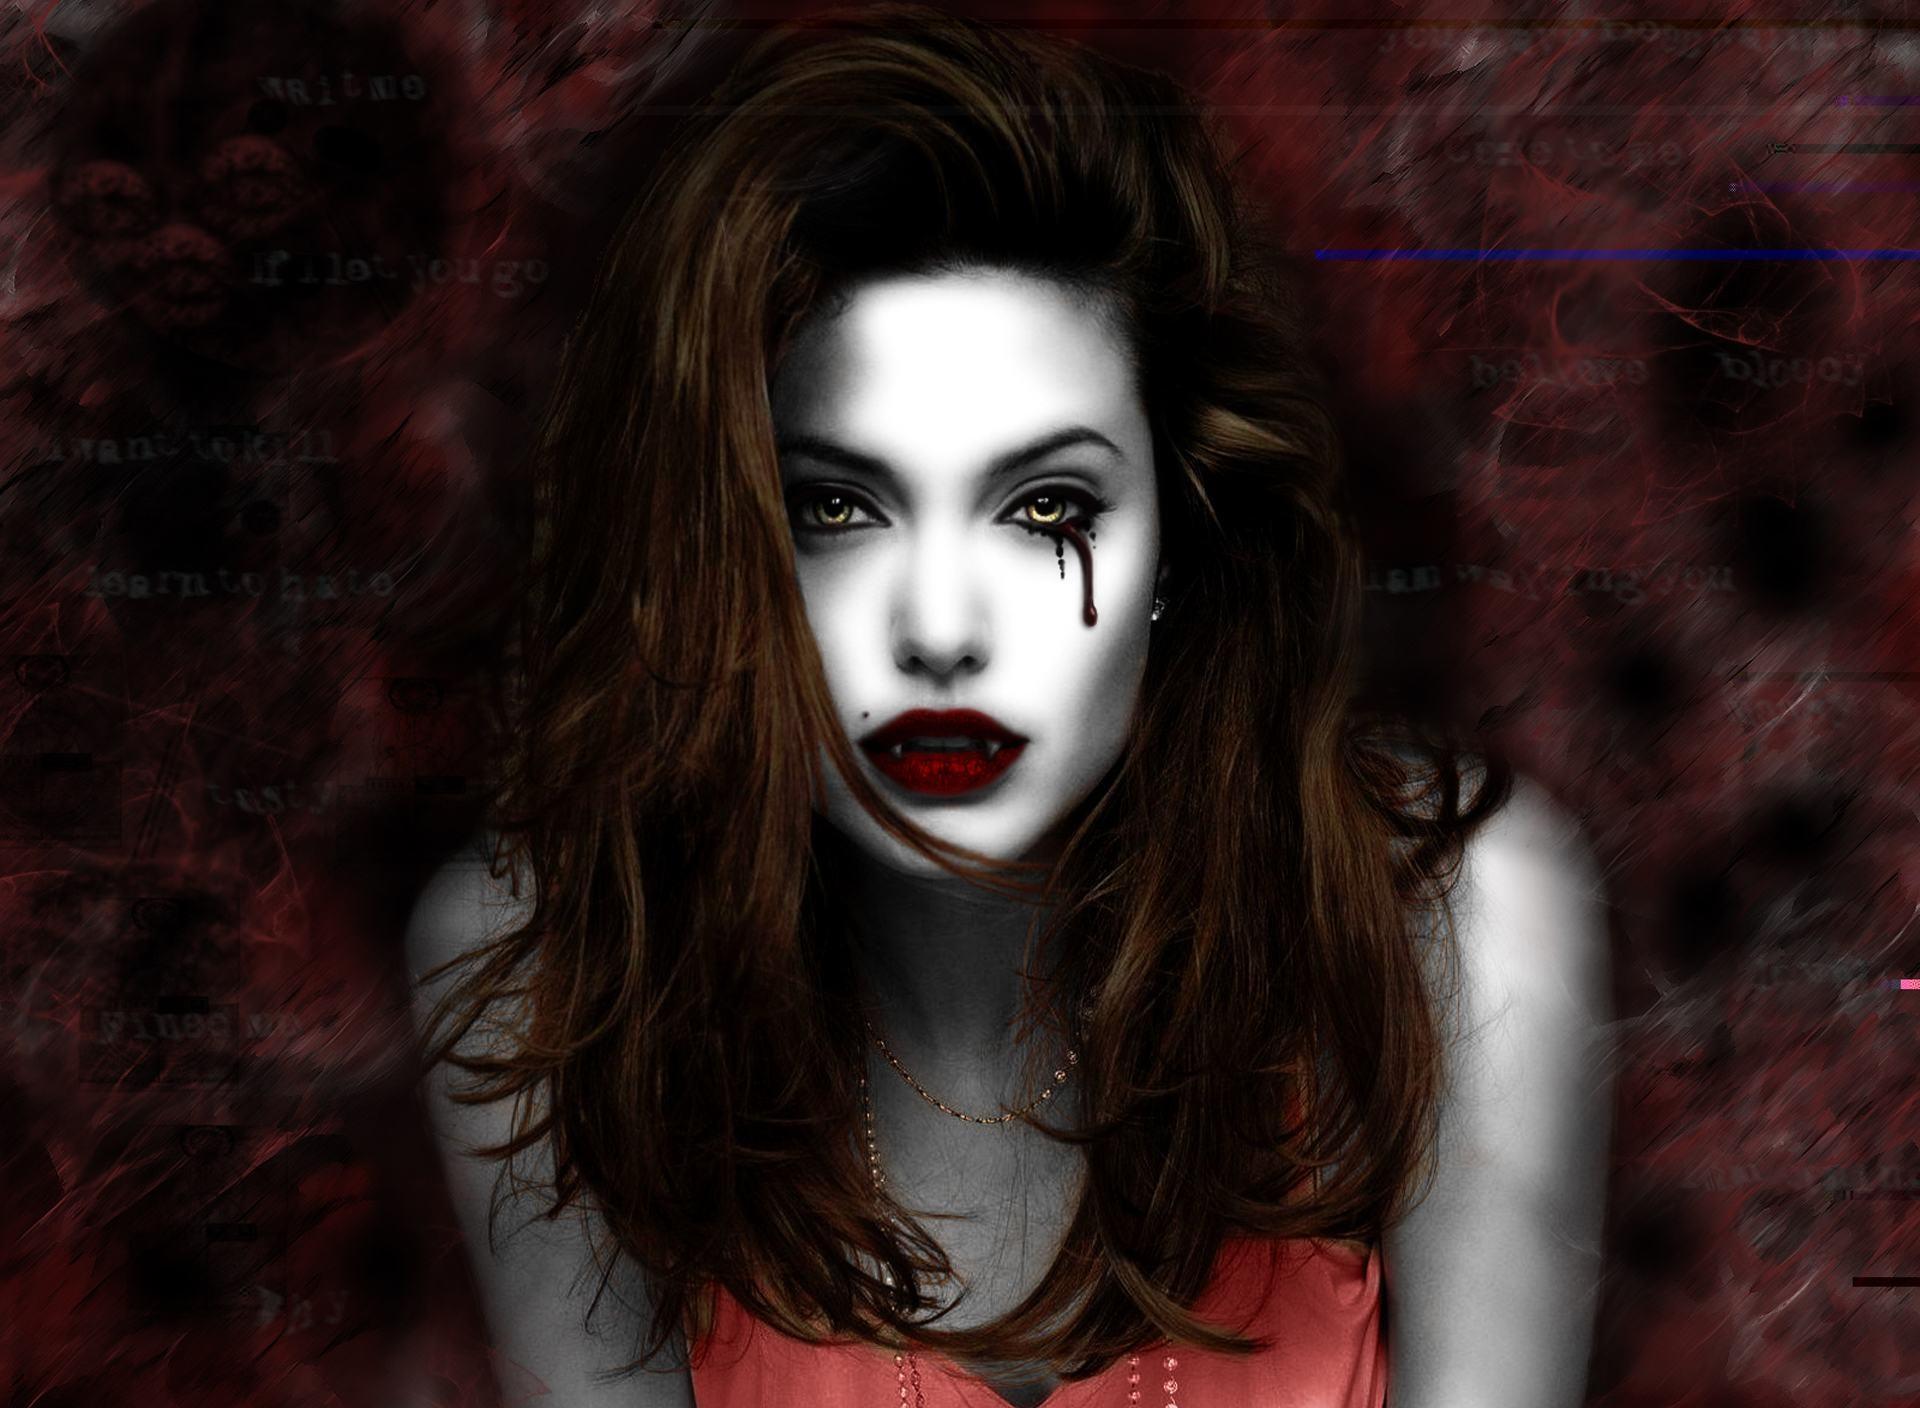 Female vampire wallpaper 67 images - Wallpaper vampire anime ...